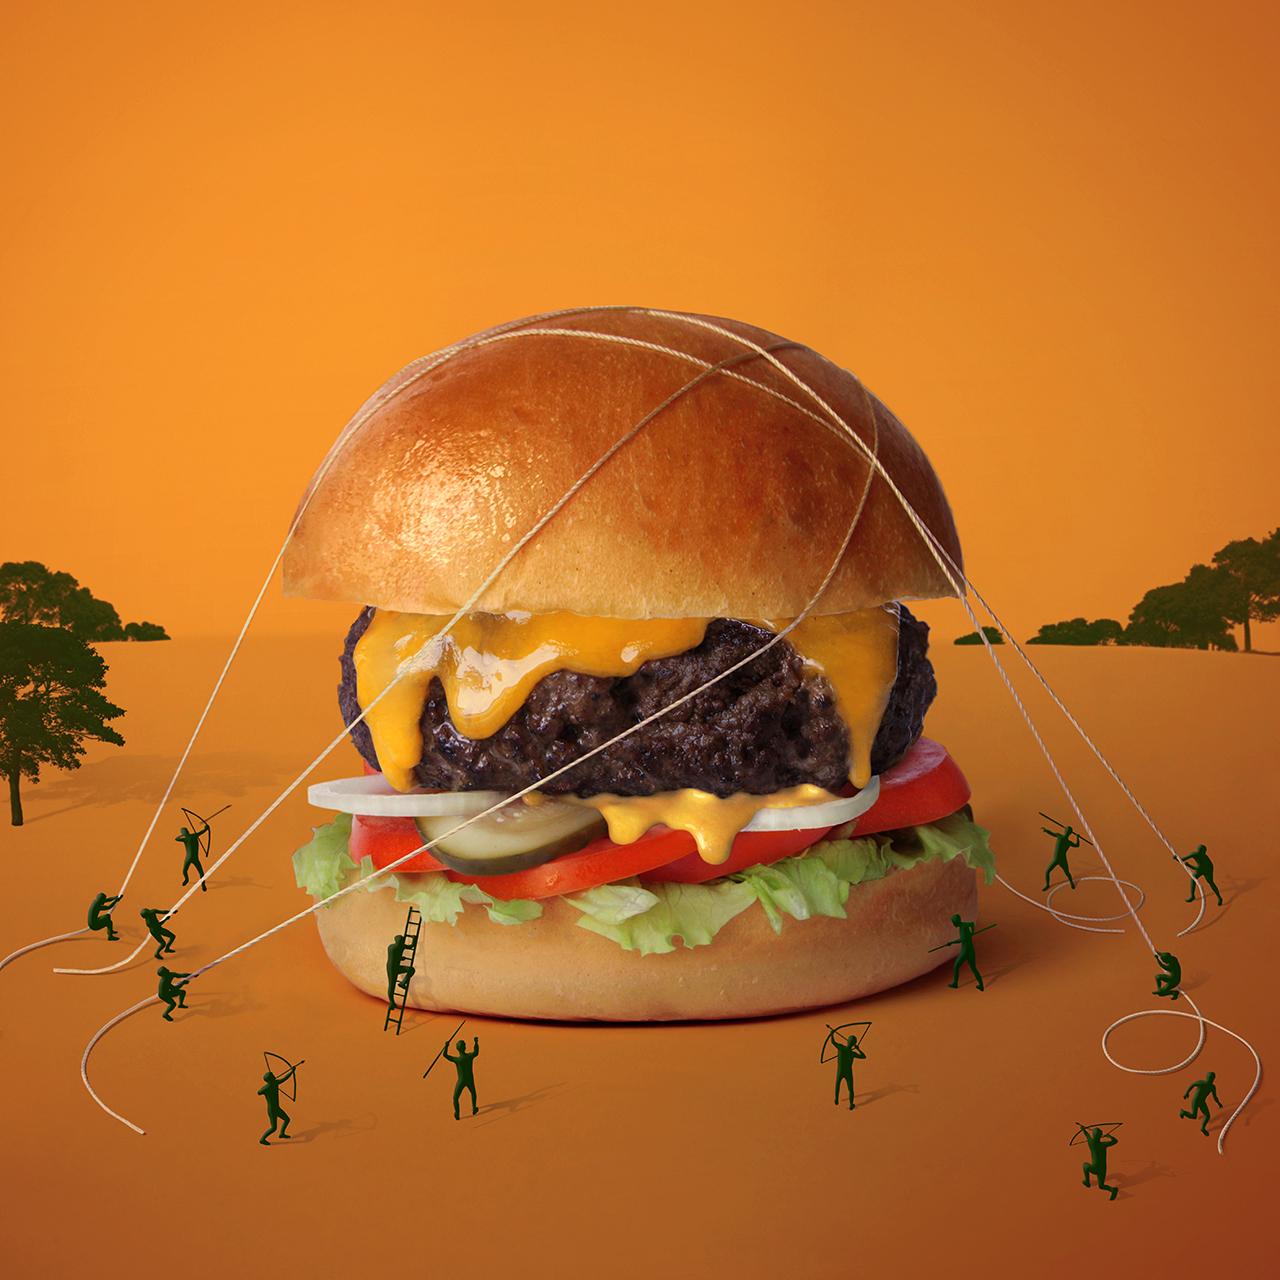 Прикольные картинки про еды, удачу богатство